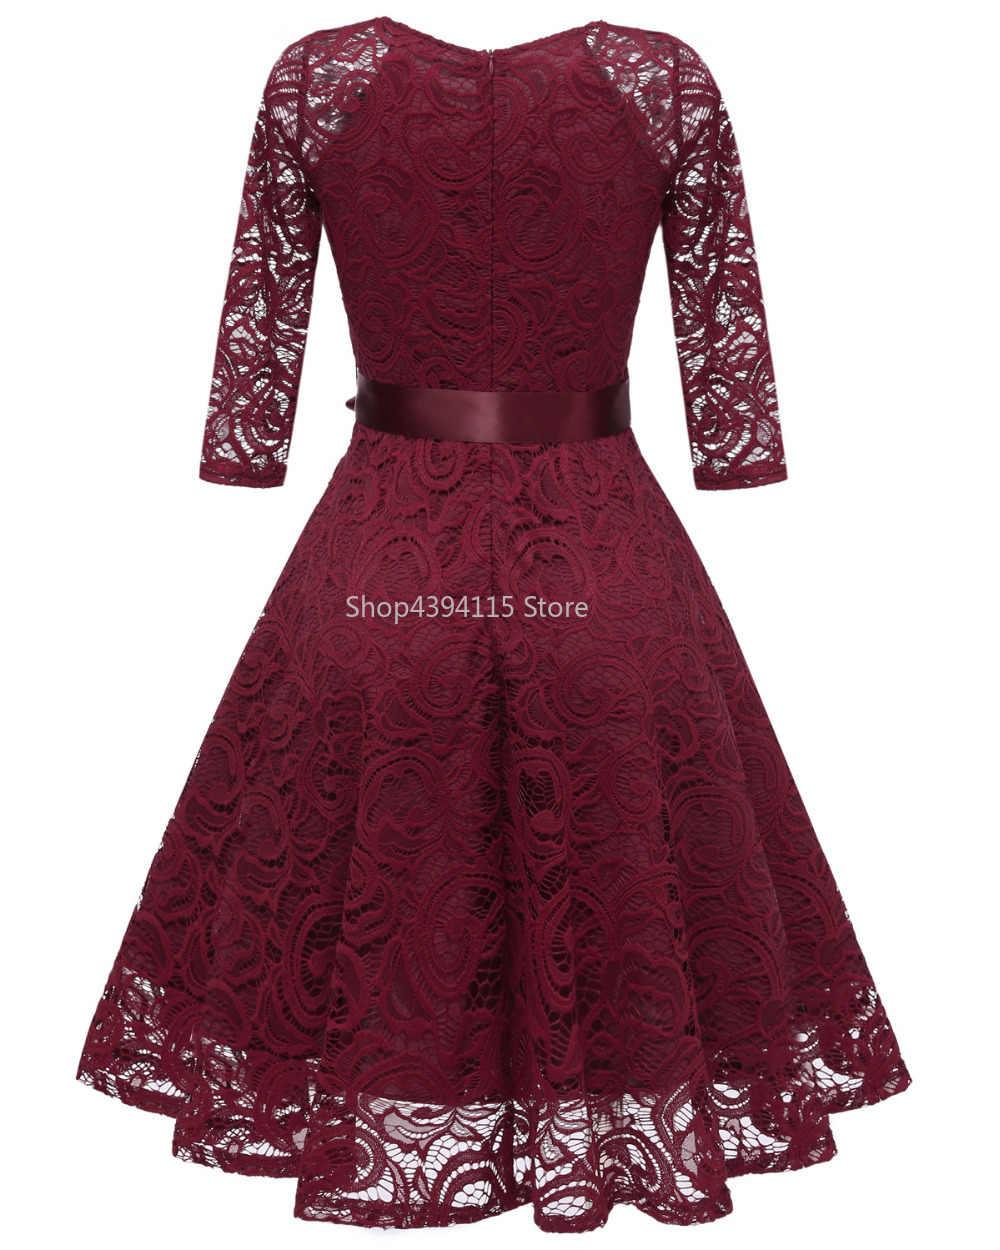 2019 осенние кружевные платья Femme 3/4 рукав v-образный вырез женское красное платье открытая женская одежда плюс размер 2XL Vestidos de Festa